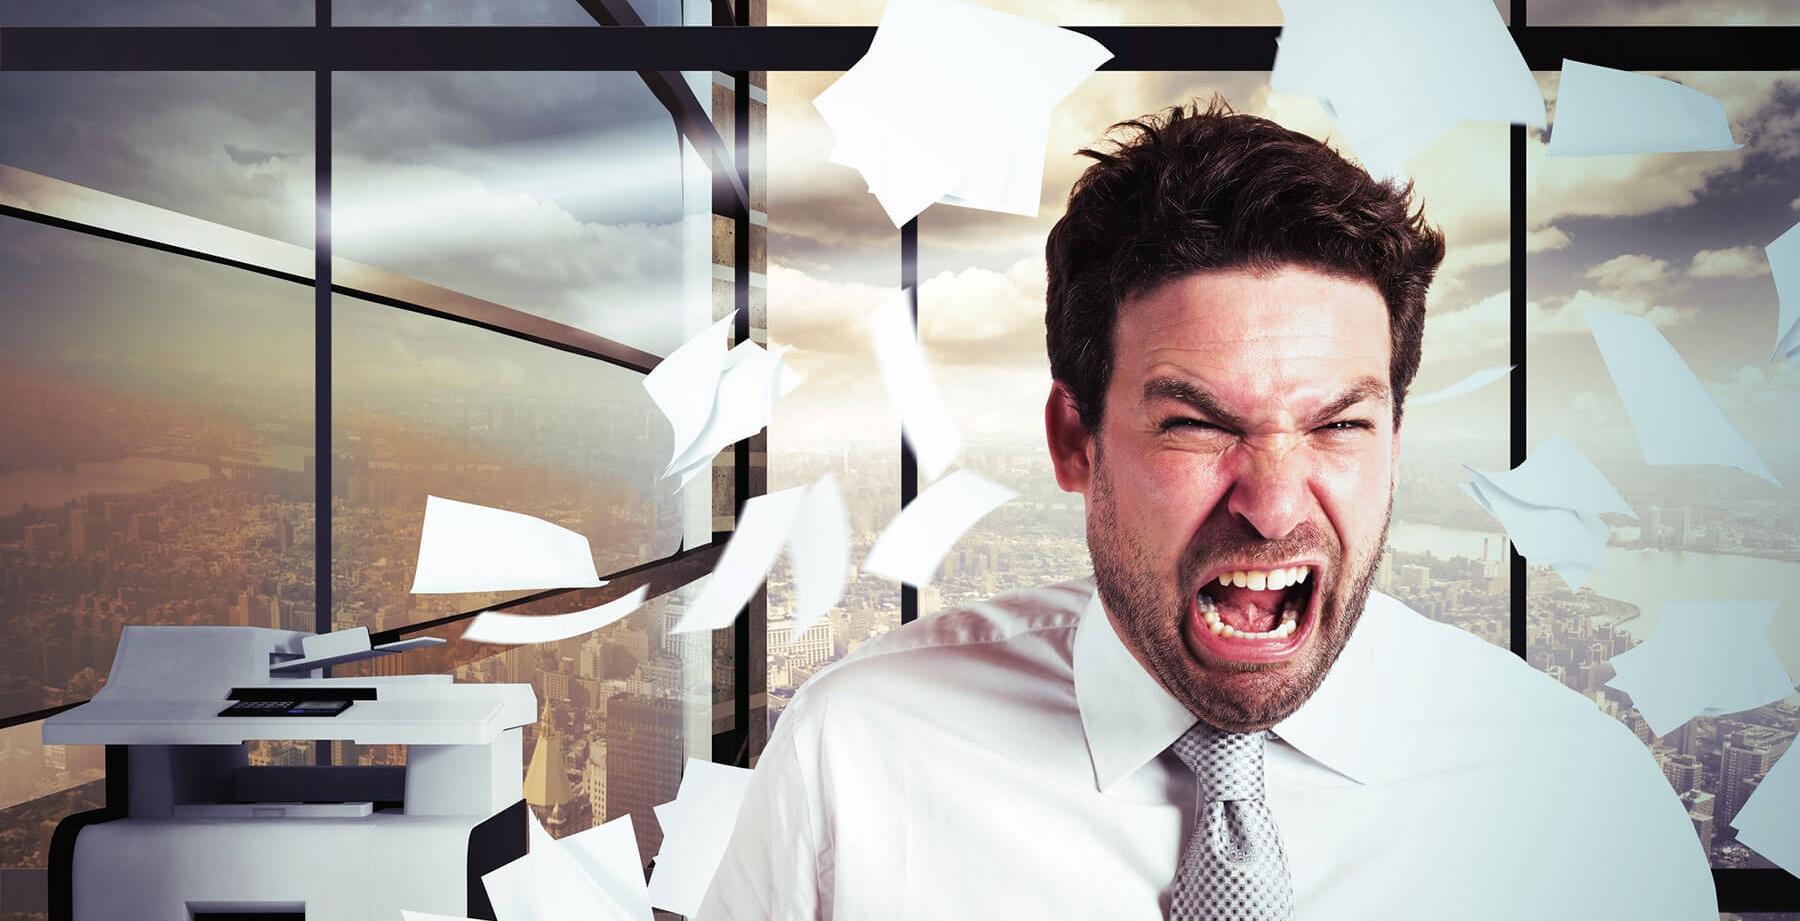 راه های کنترل خشم و عصبانیت